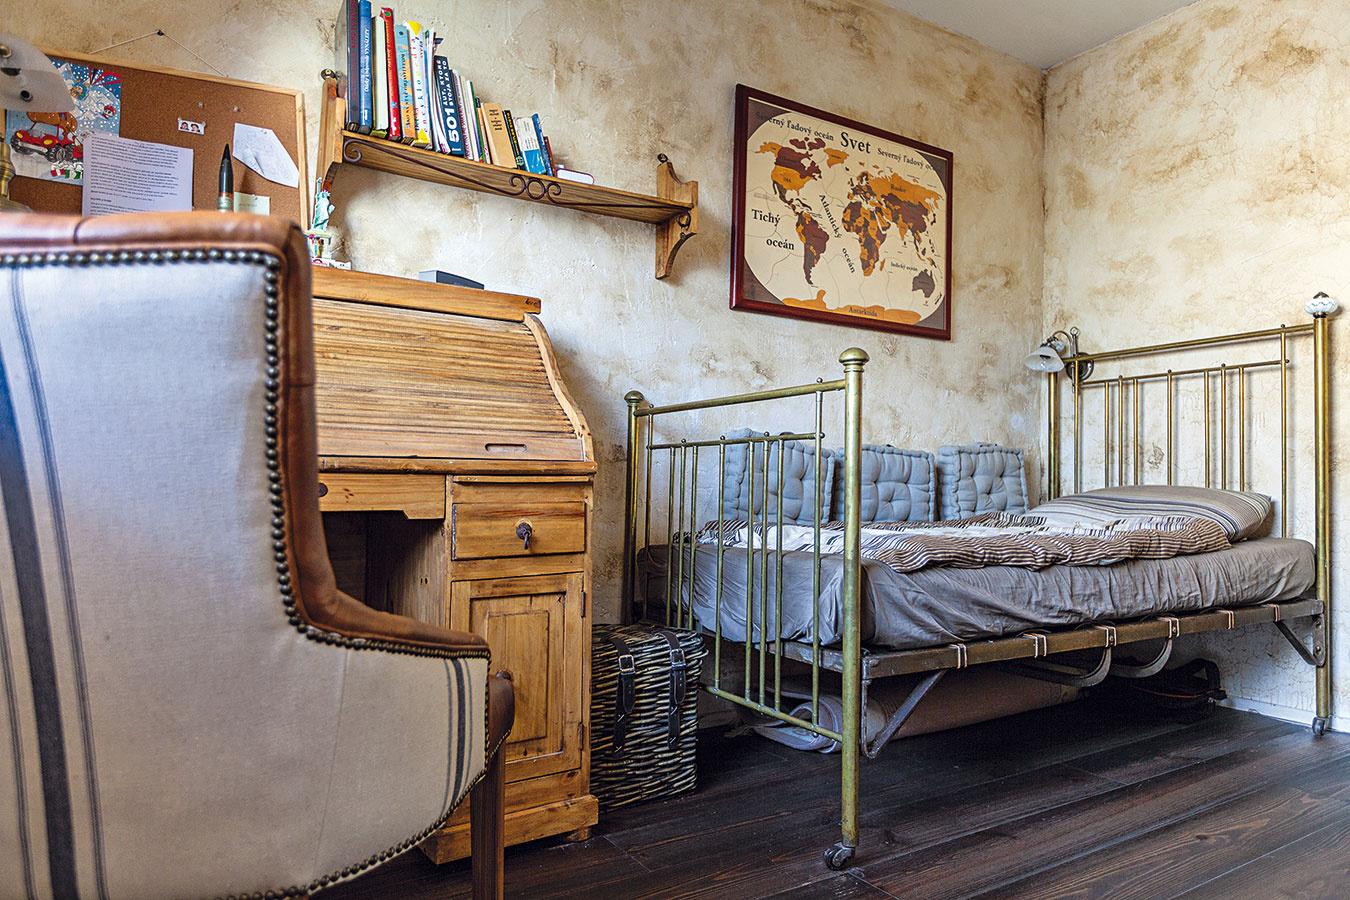 Detské izby sa nesú vpodobnom duchu ako zvyšok tohto veľkorysého bytu srozlohou viac ako 160 m2. Izba menšieho zchlapcov ešte nie je úplne zariadená, keďže väčšinu času trávi najmä srodičmi.